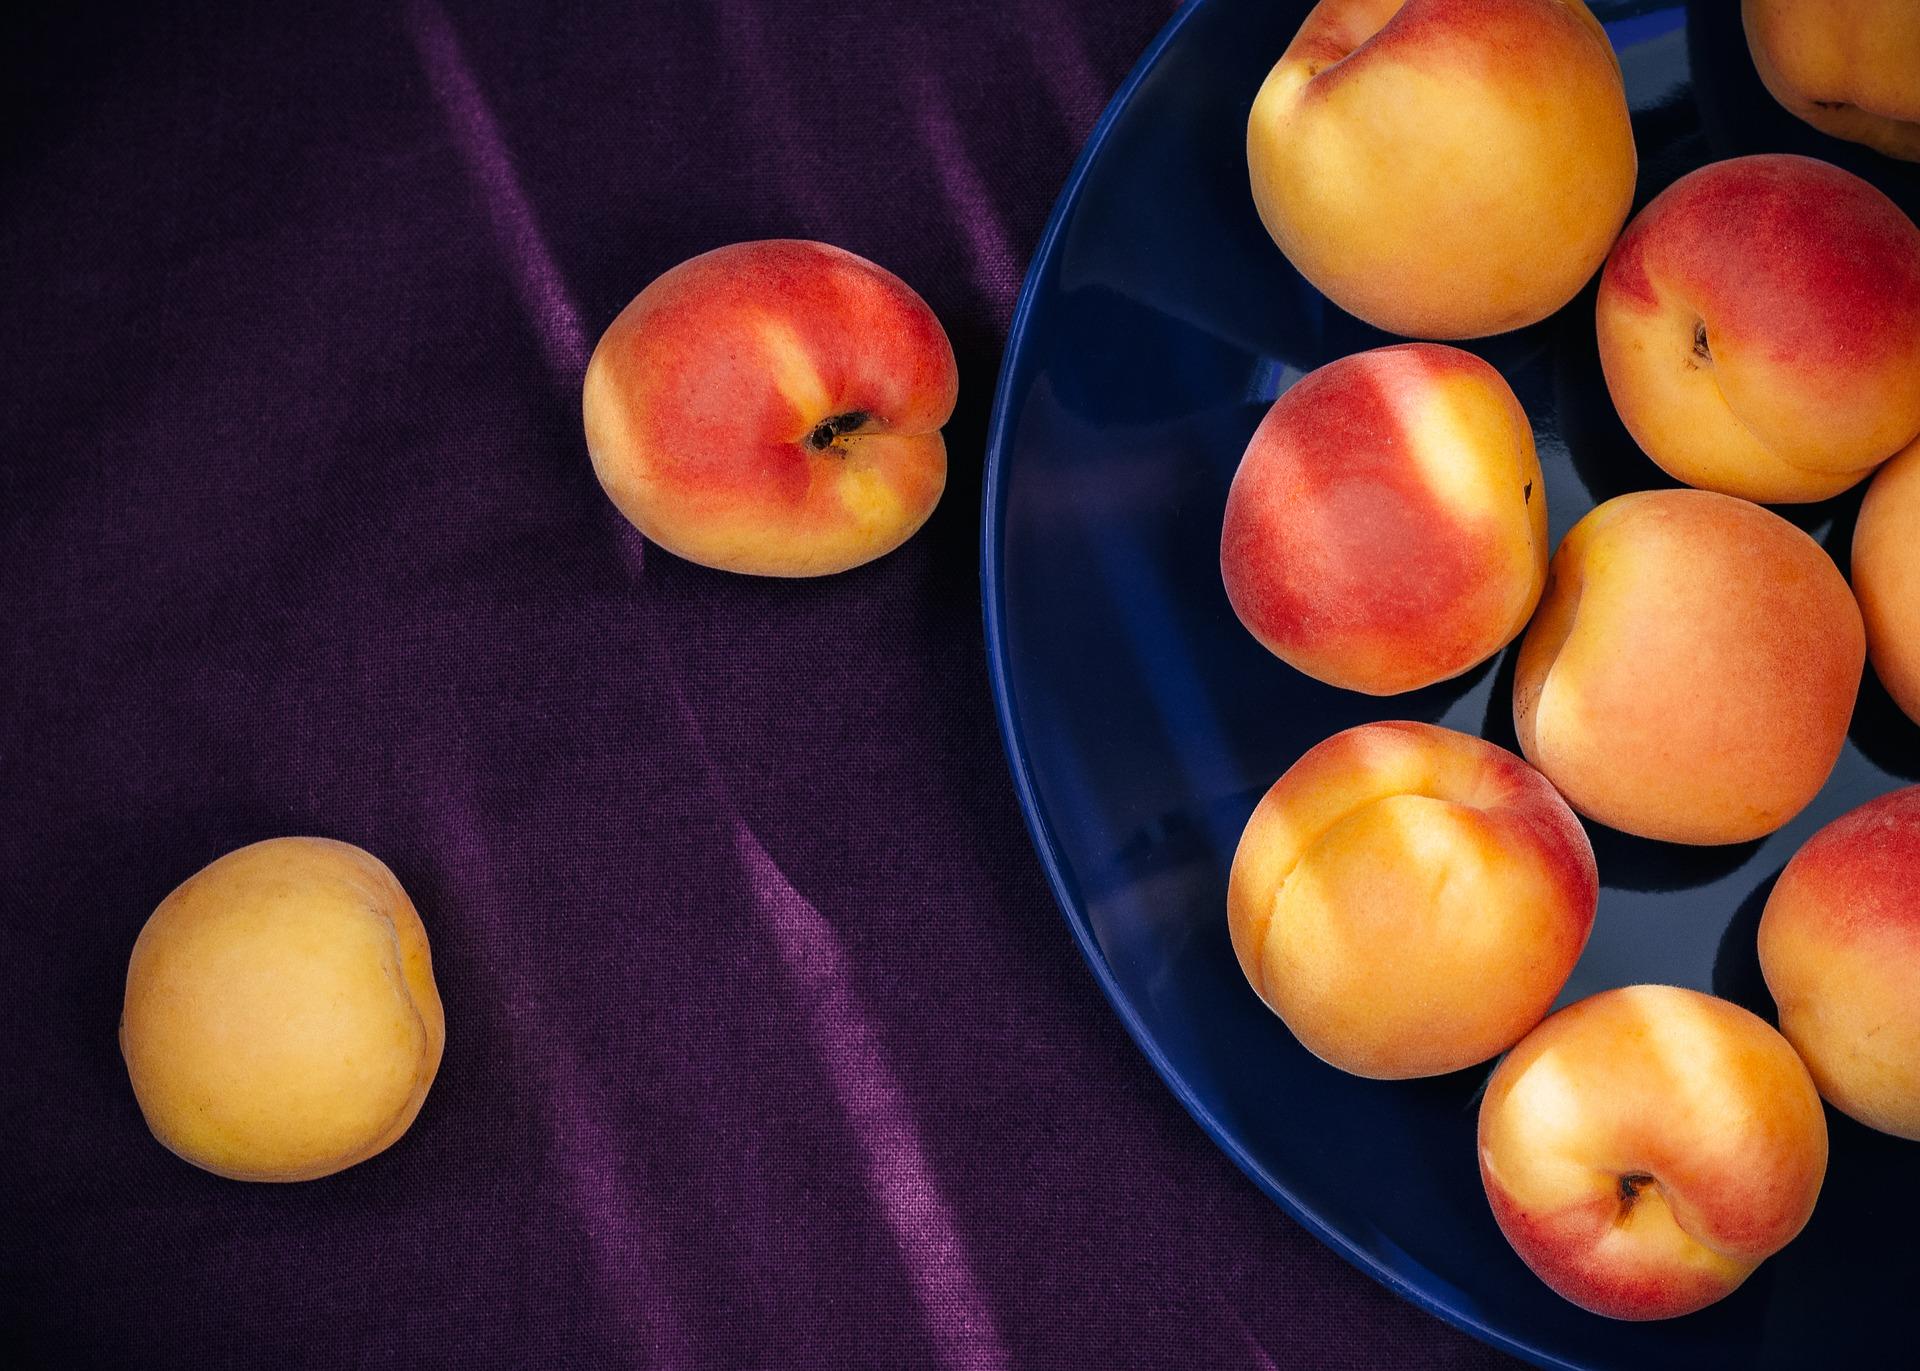 les abricots font penser à l'été qui approche... Stéphanie Guiberteau vous accompagne vers une alimentation bienveillante.